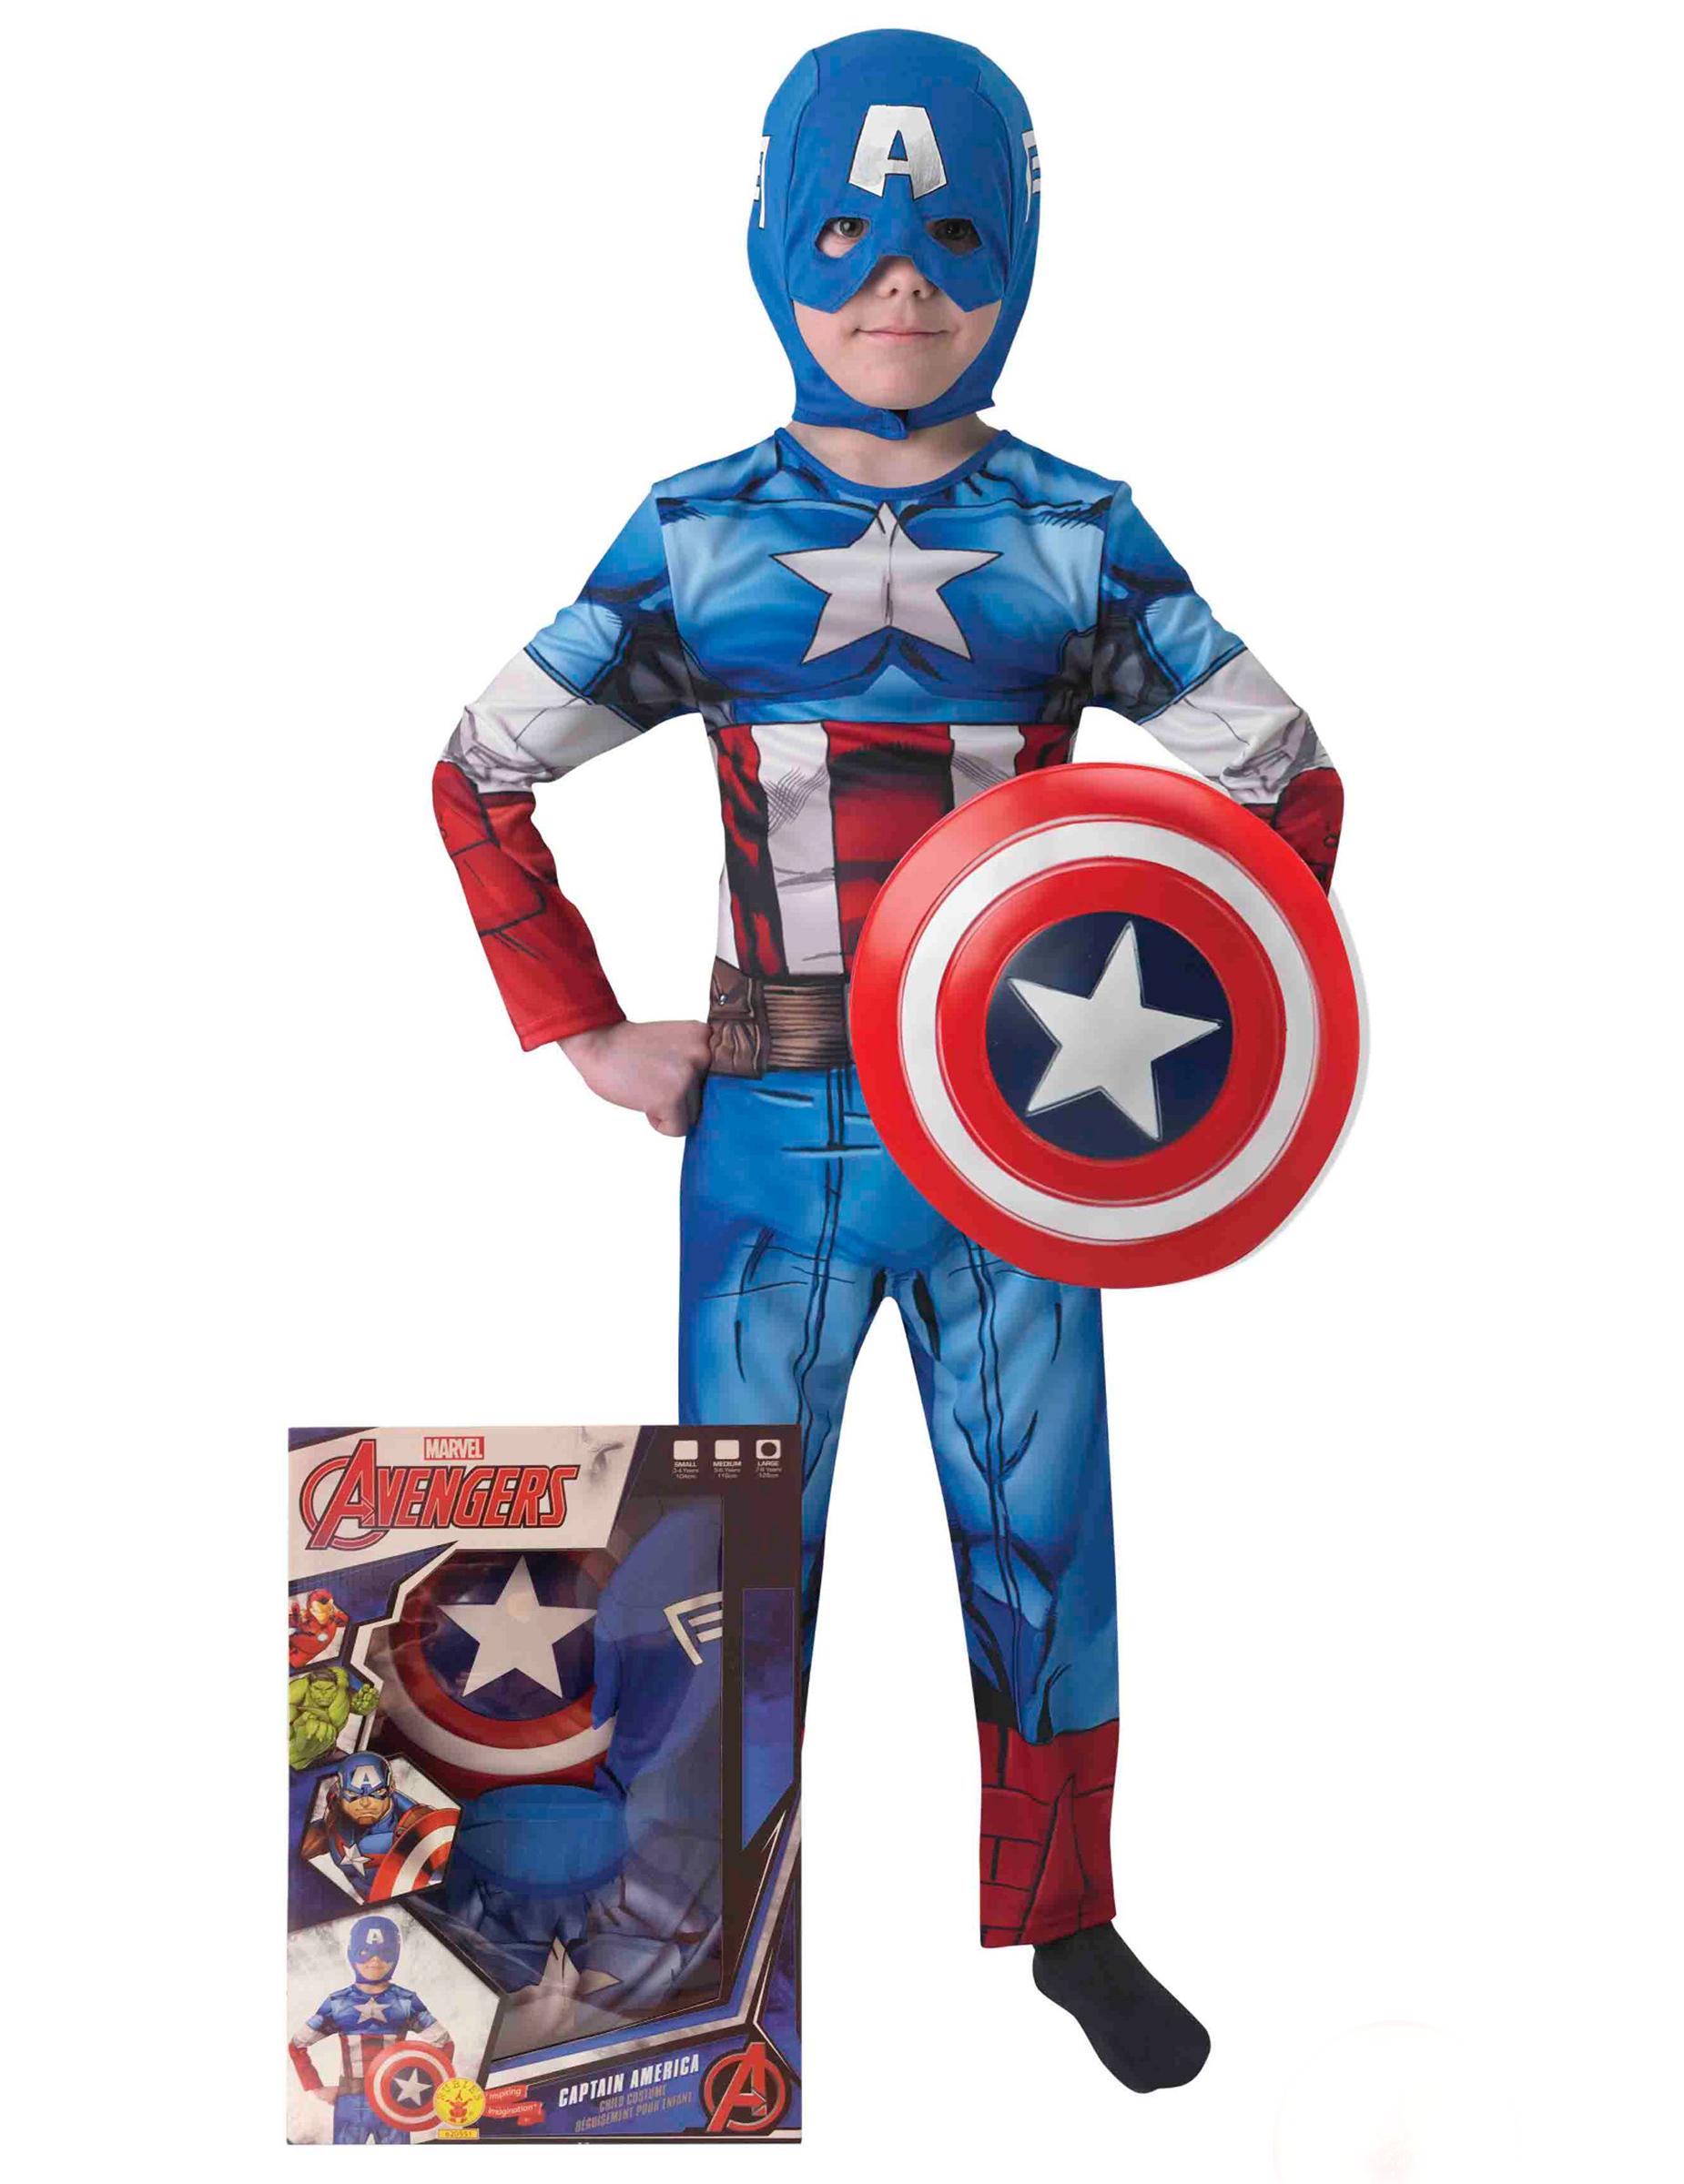 captain america kostuum met schild voor kinderen kinderkostuums en goedkope carnavalskleding. Black Bedroom Furniture Sets. Home Design Ideas